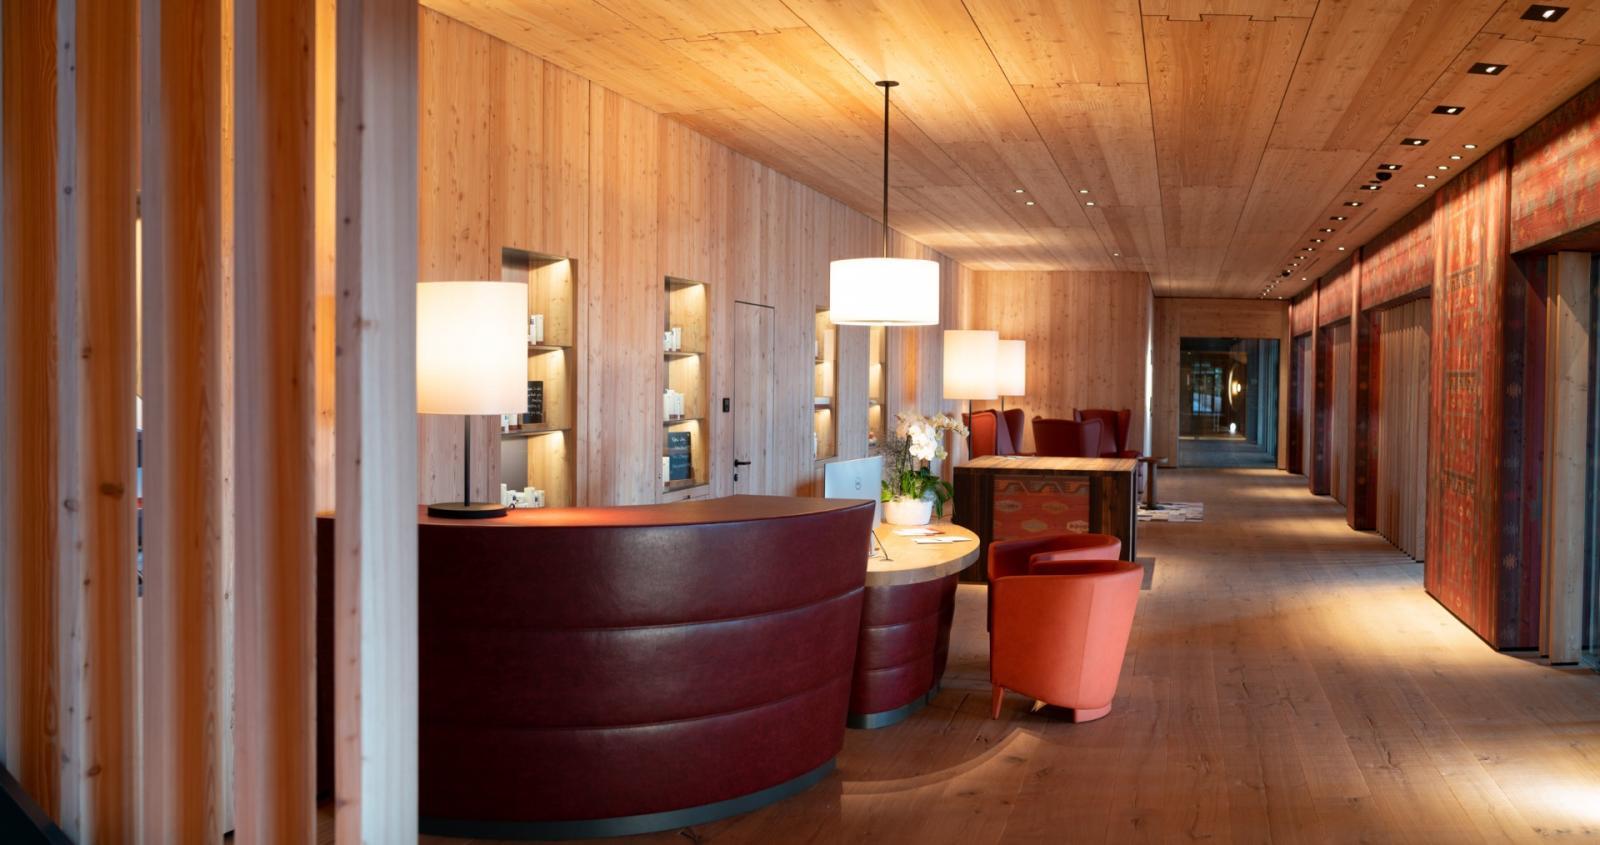 Wirbelsäulenbehandlung: Foto vom Wellnesshotel ADLER Lodge RITTEN | Wellness Südtirol